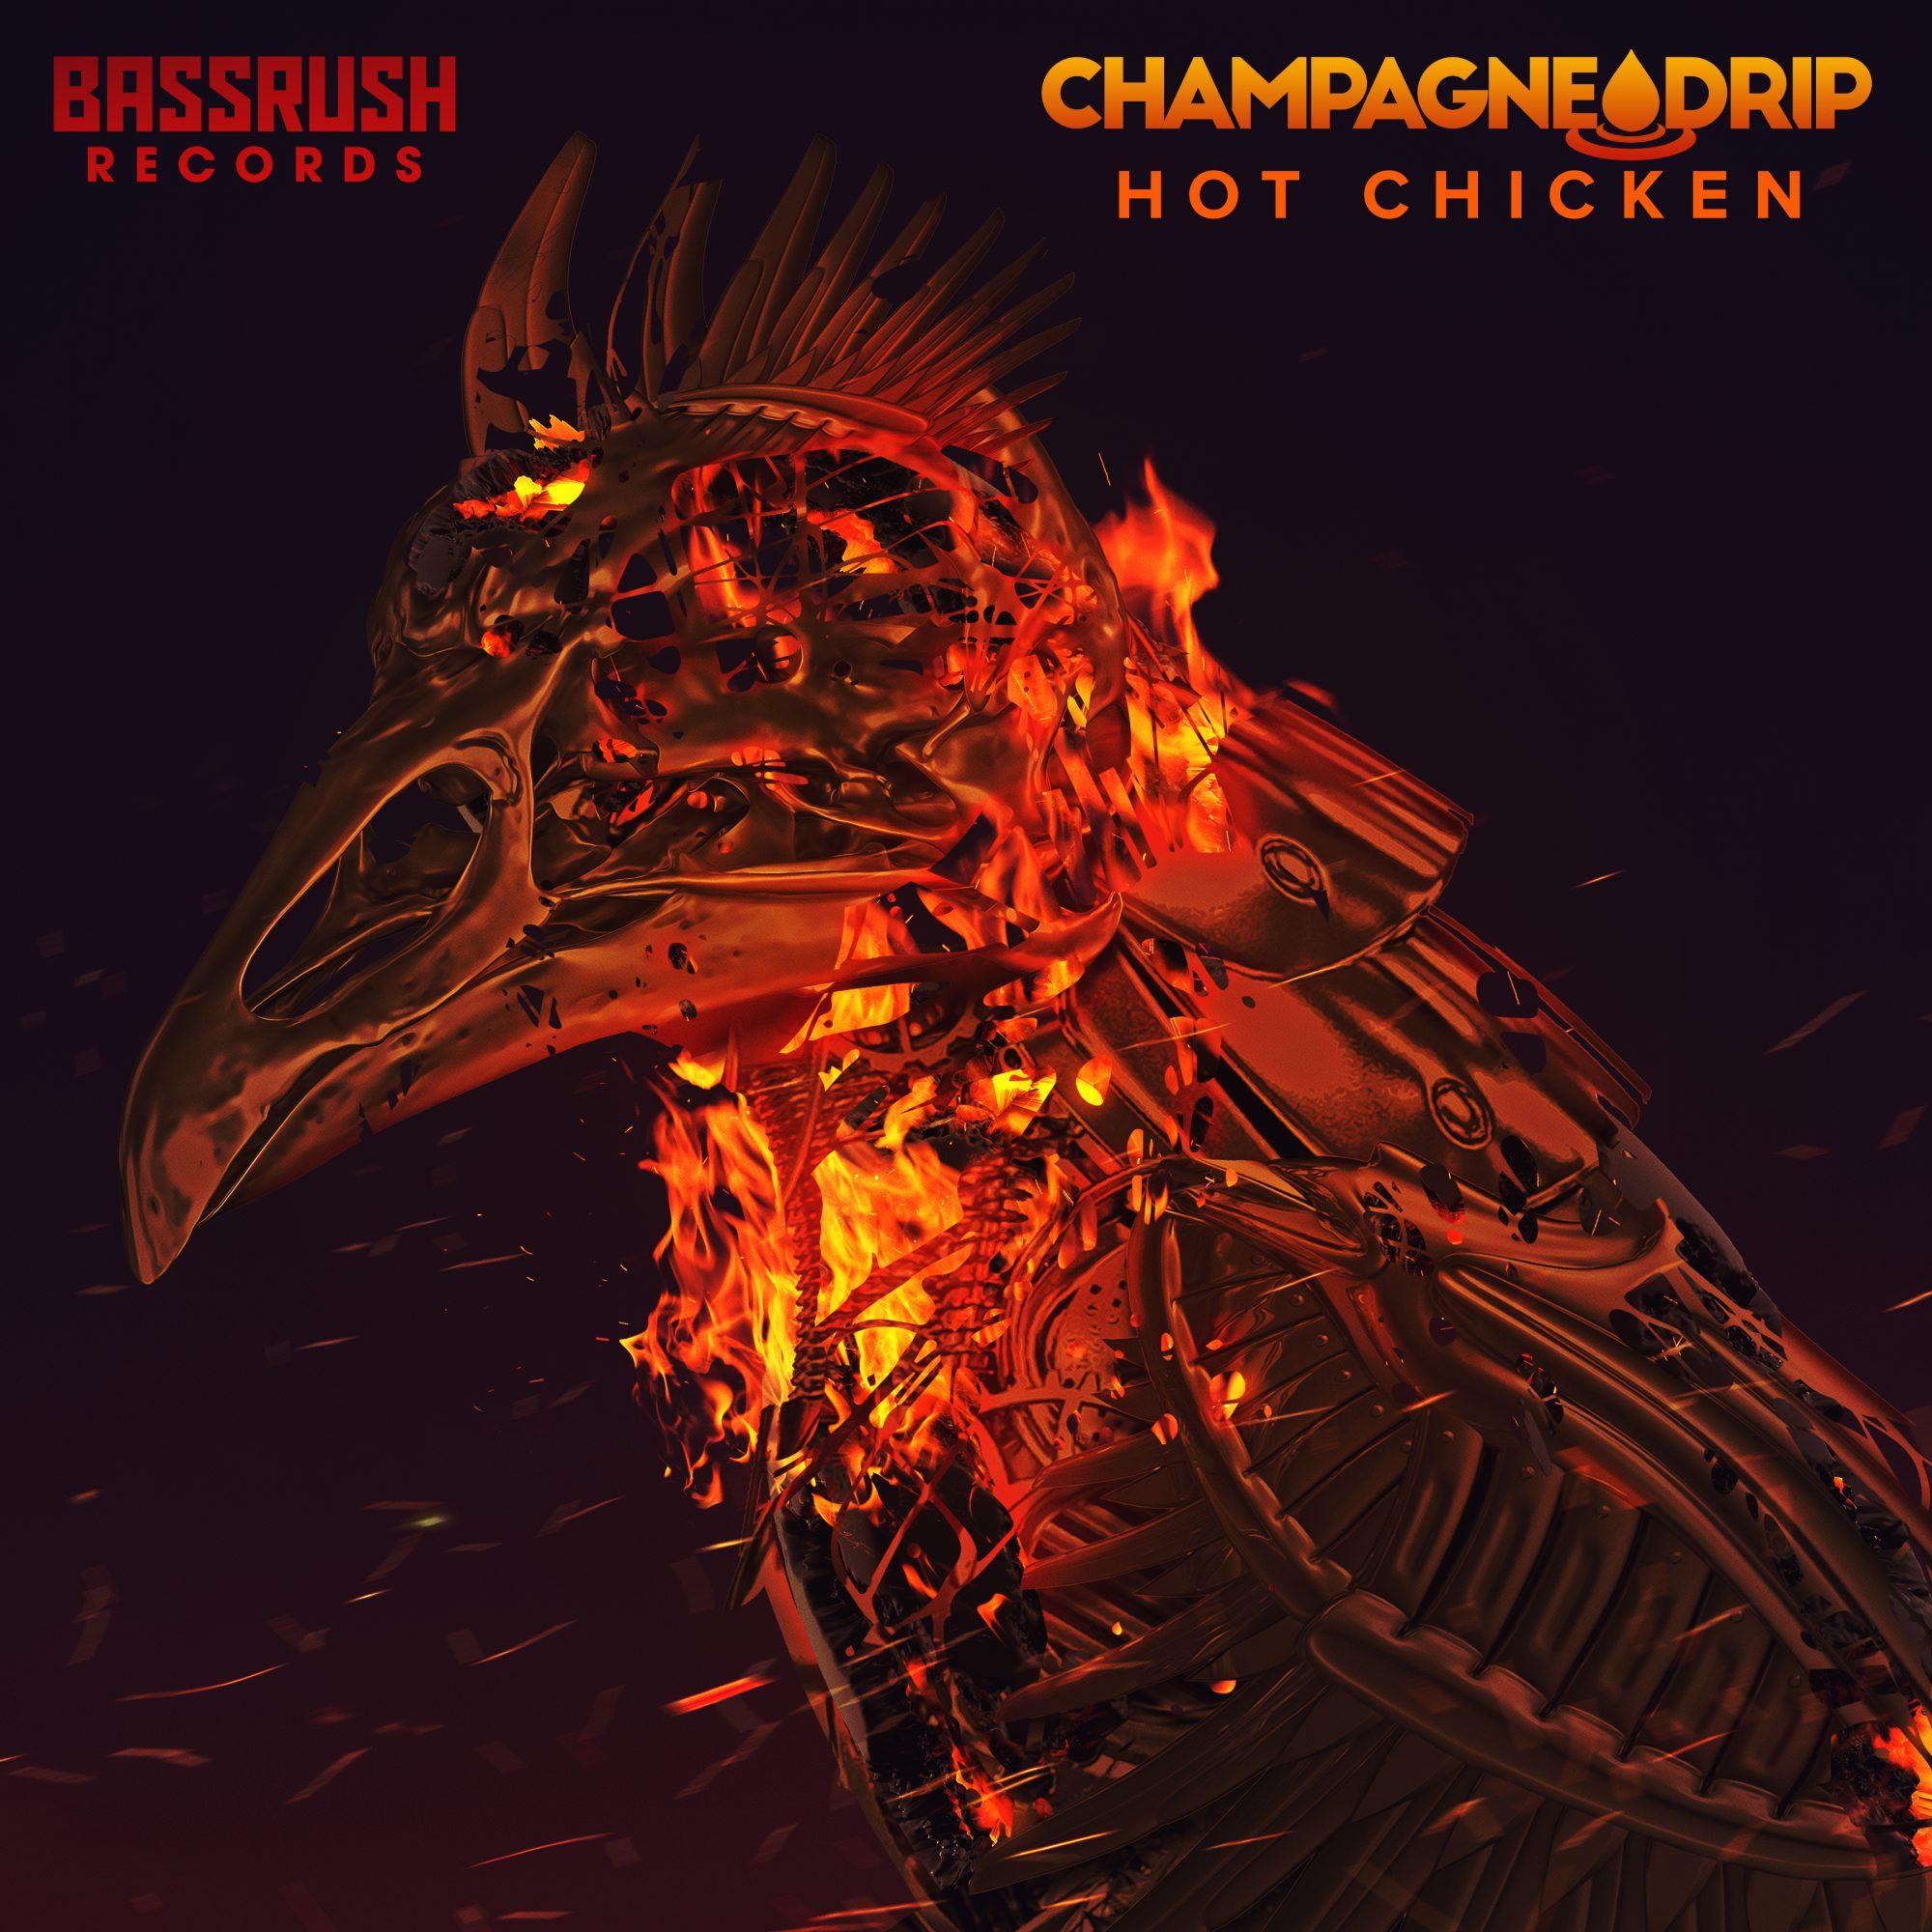 champagne drip hot chicken